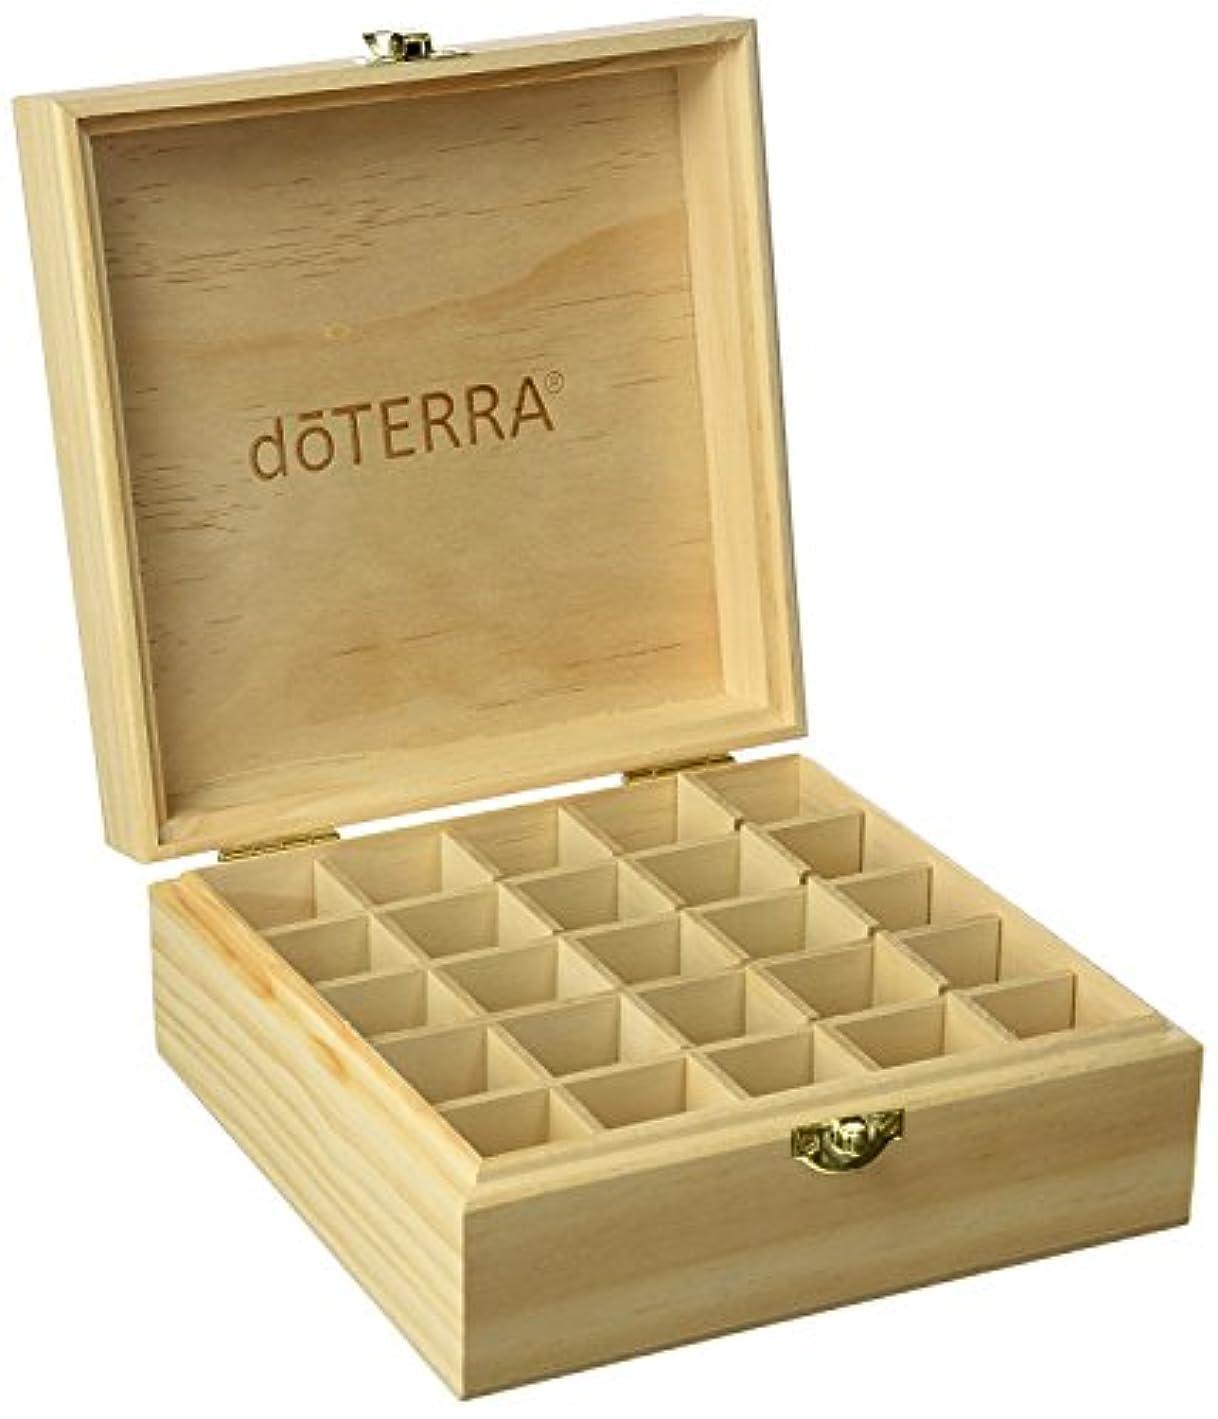 眼郵便ハントエッセンシャルオイル収納ボックス25本用 エッセンシャルオイルボックス 20 mlのボトルを15 mlのための25のブロックによって木製のキャビネット